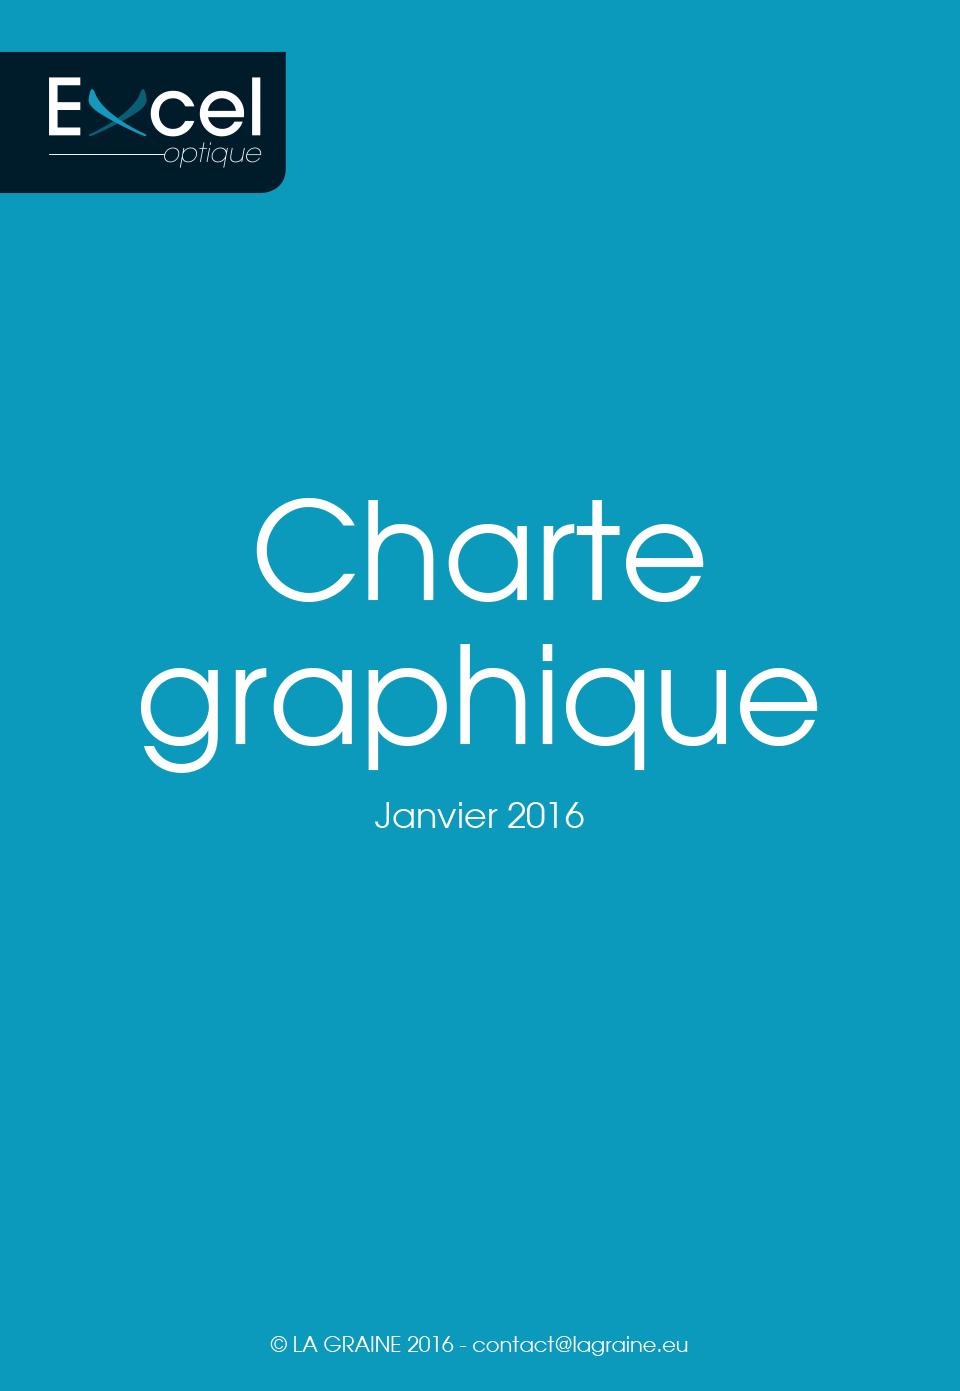 charte-graphique---Excel-optique-2016-1